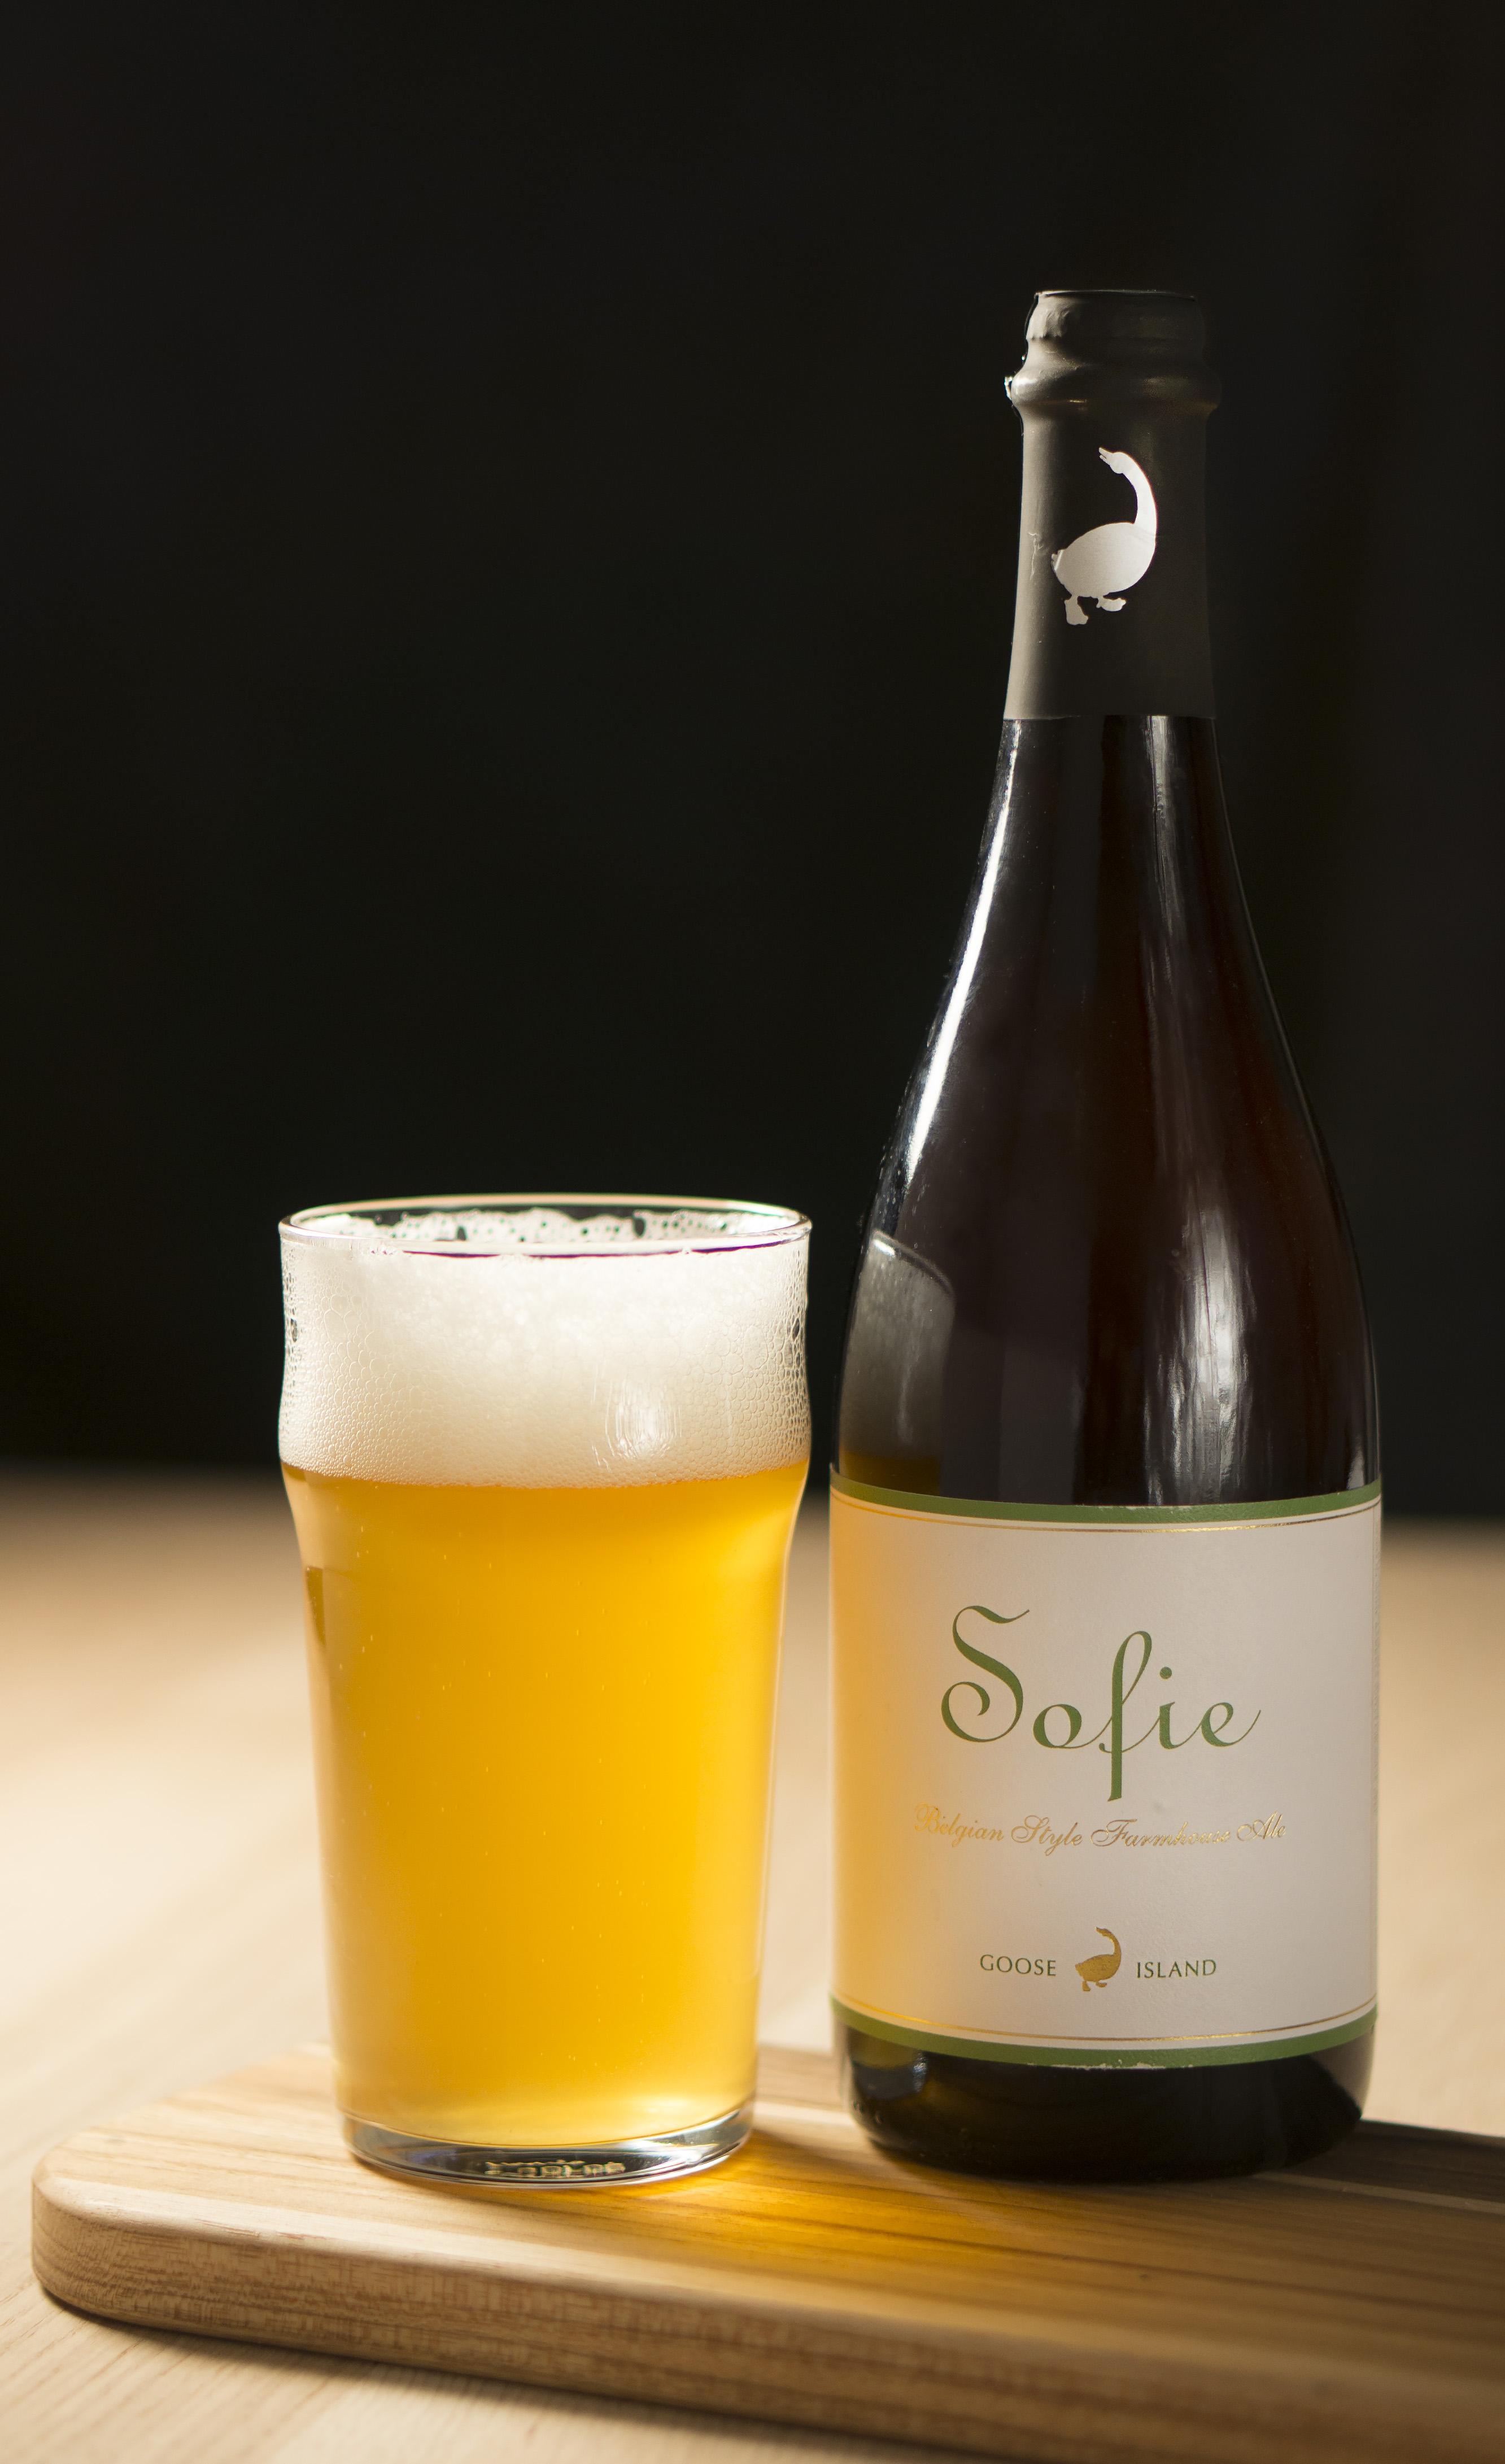 Sofie beer bottle